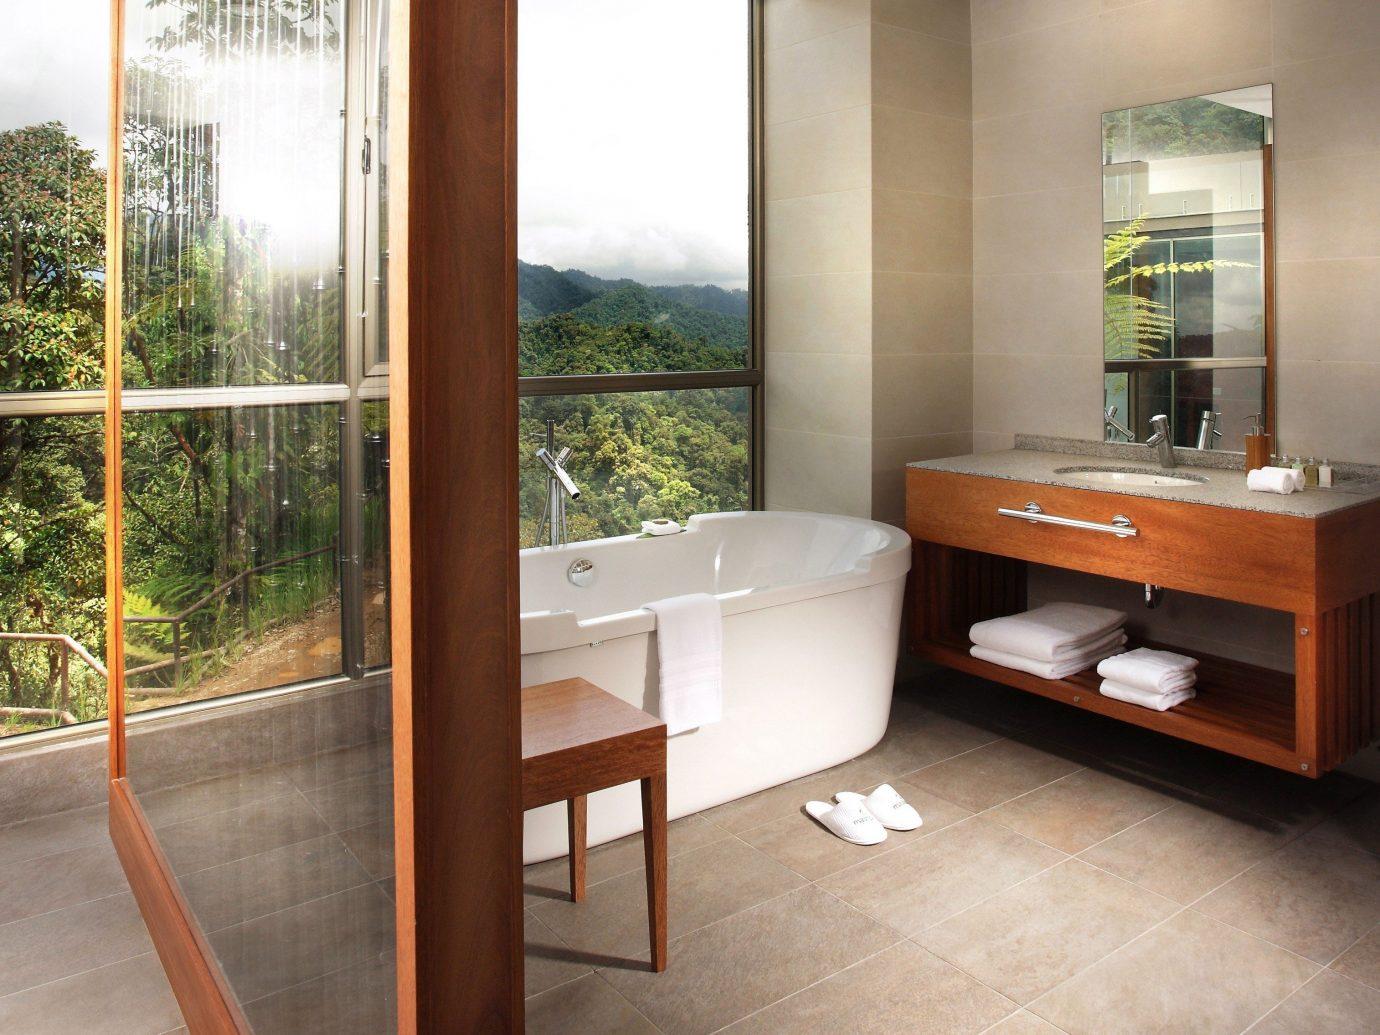 Food + Drink floor indoor room property house home hardwood interior design bathroom estate real estate Design wood flooring furniture